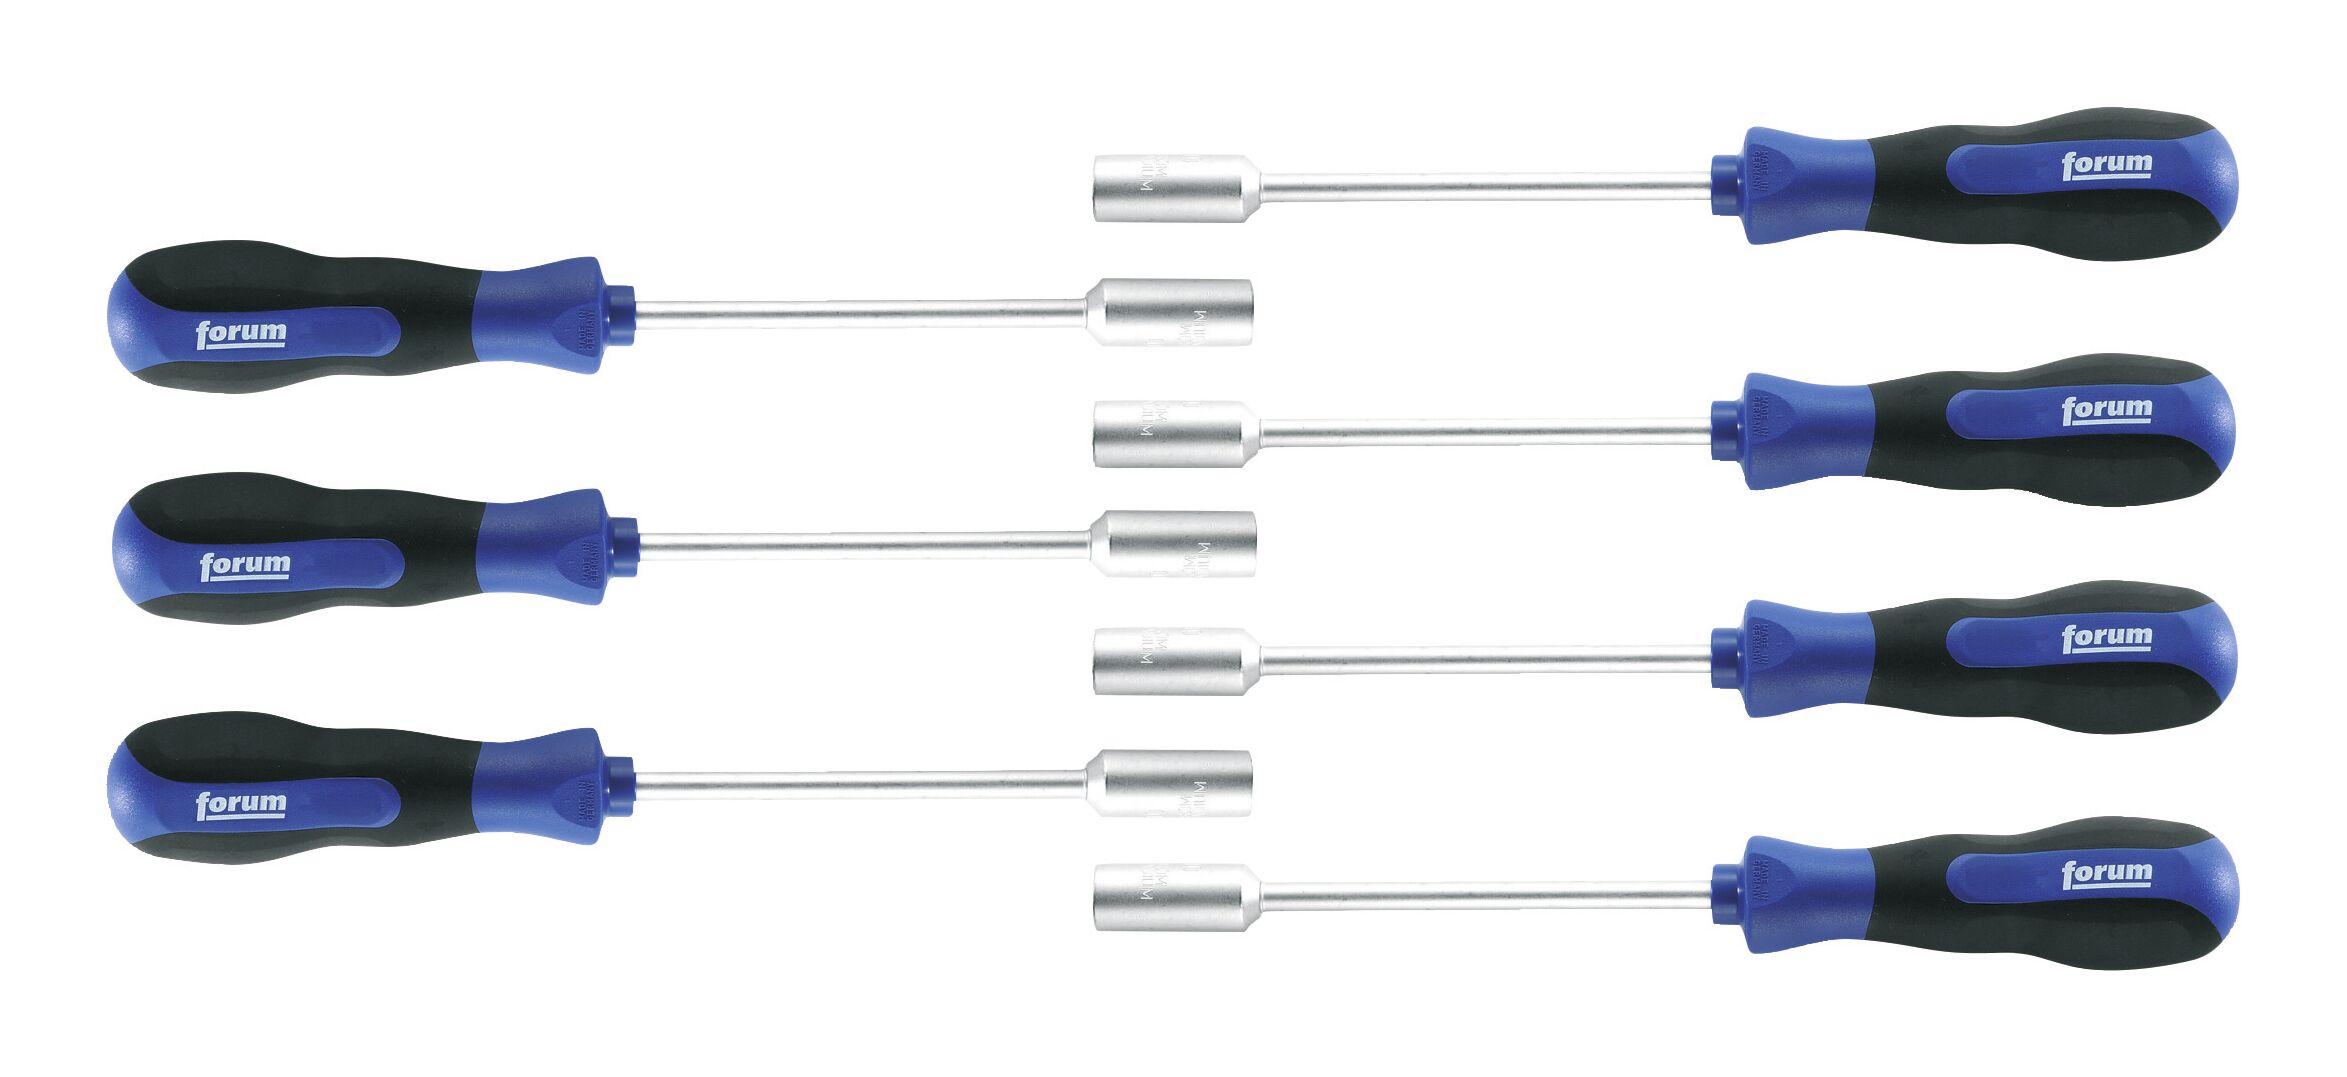 Steckschlüssel-Schraubendreher-Satz 7tlg. 5-13 mm